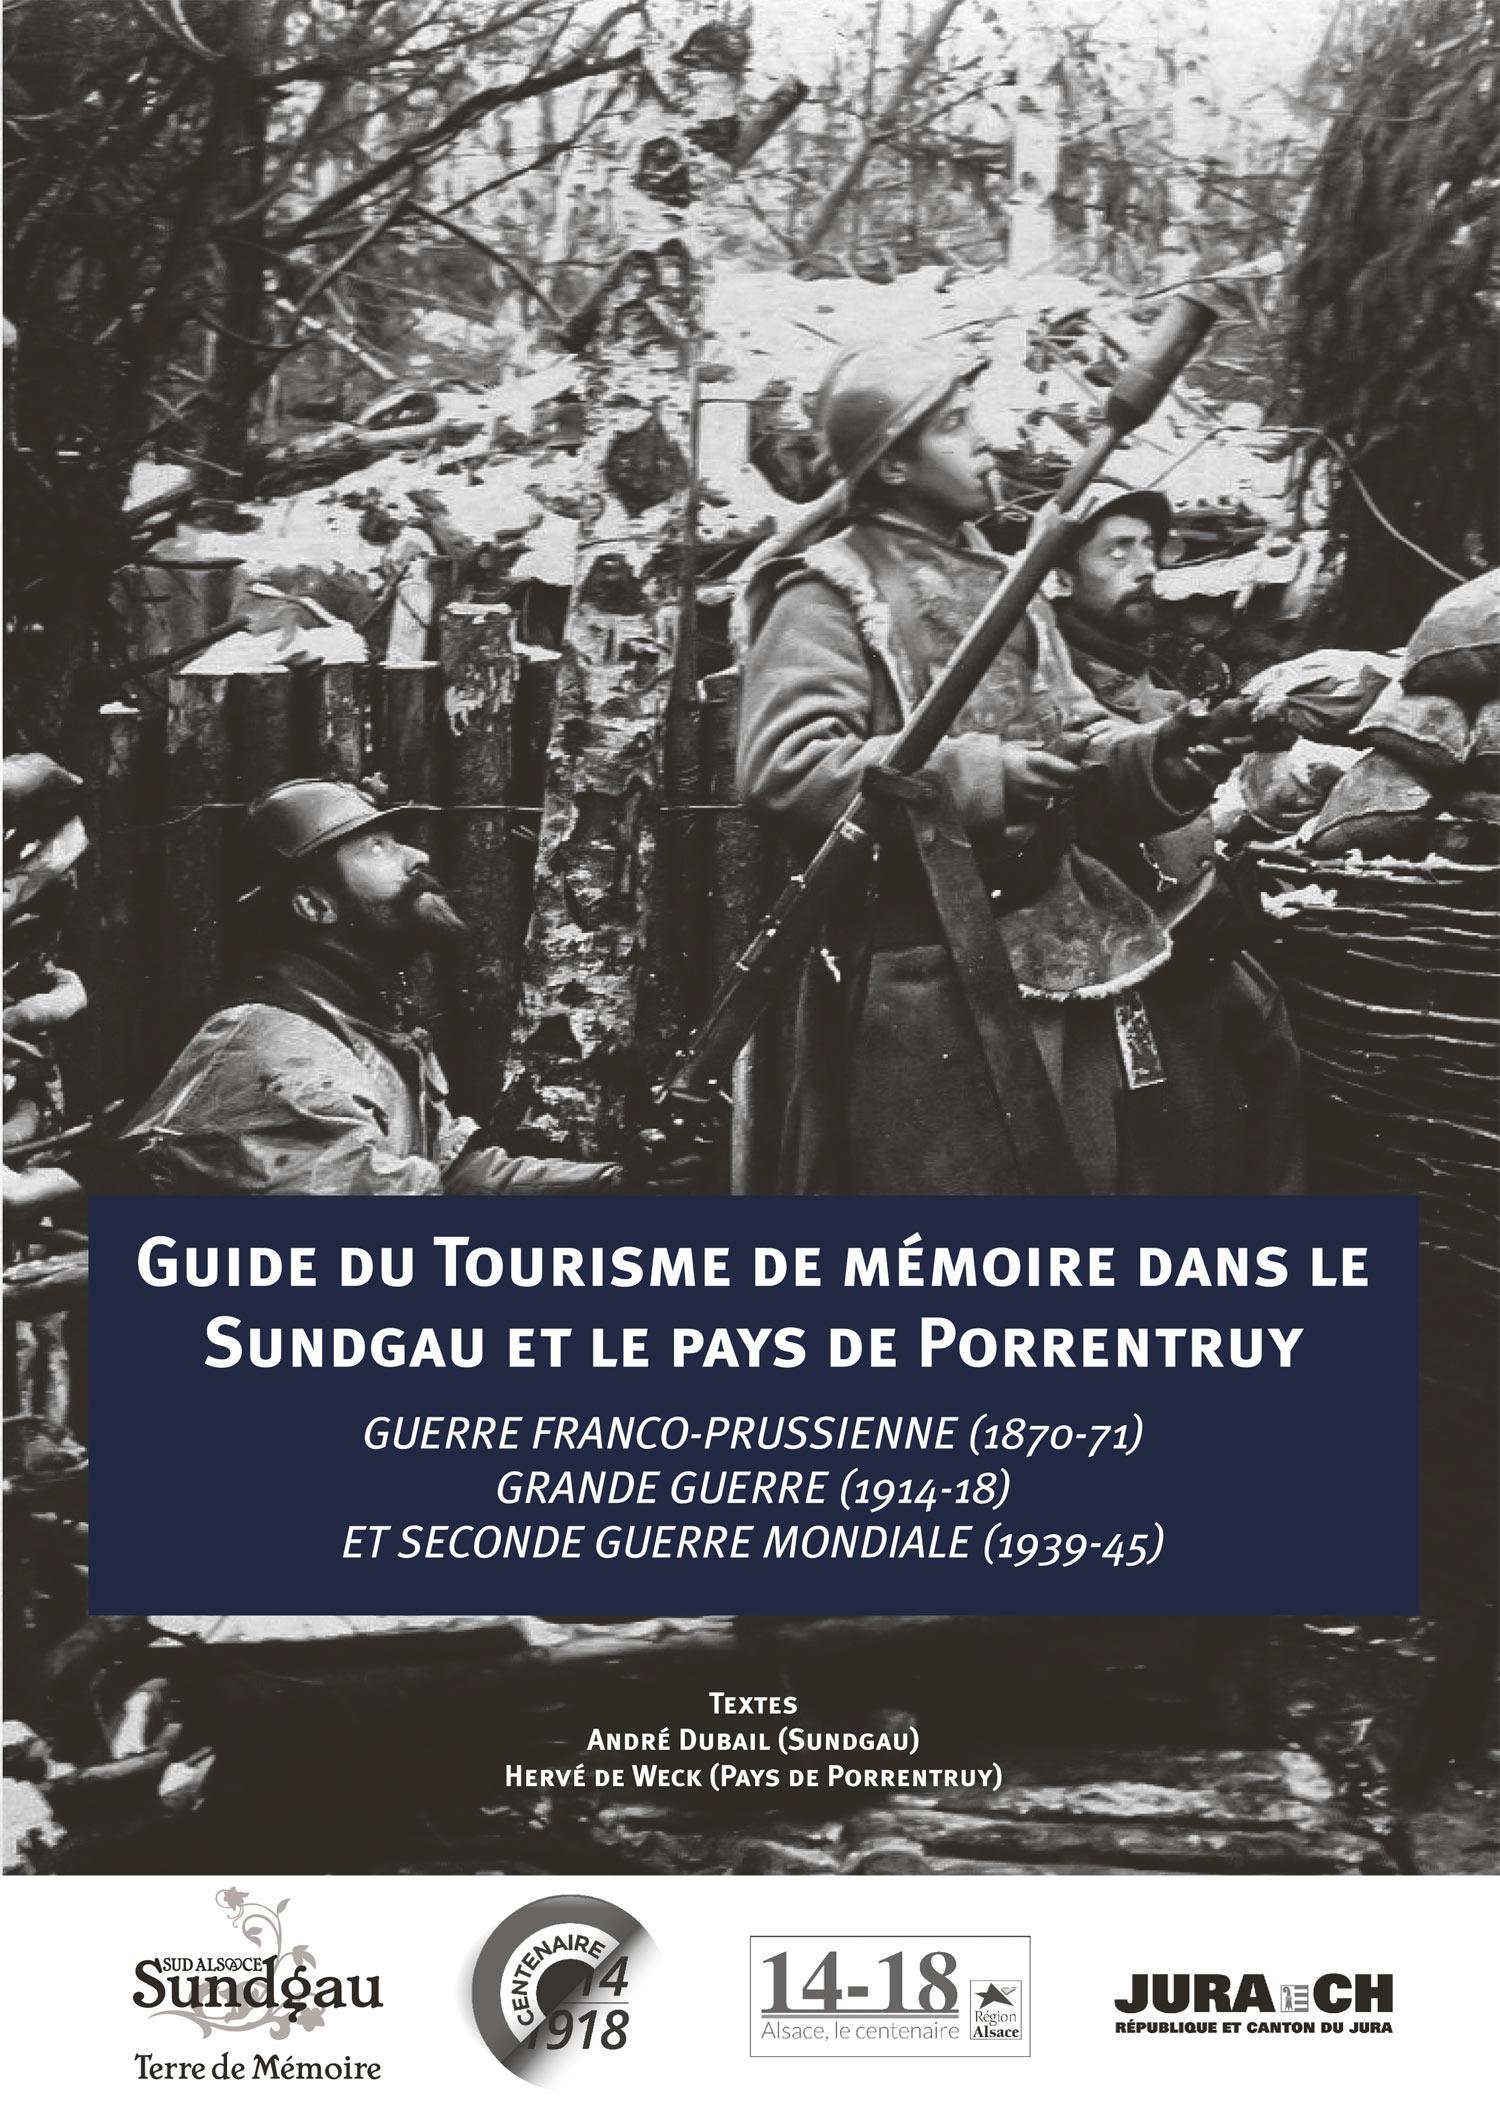 Guide du Tourisme de Mémoire du Sundgau et du Pays de Porrentruy